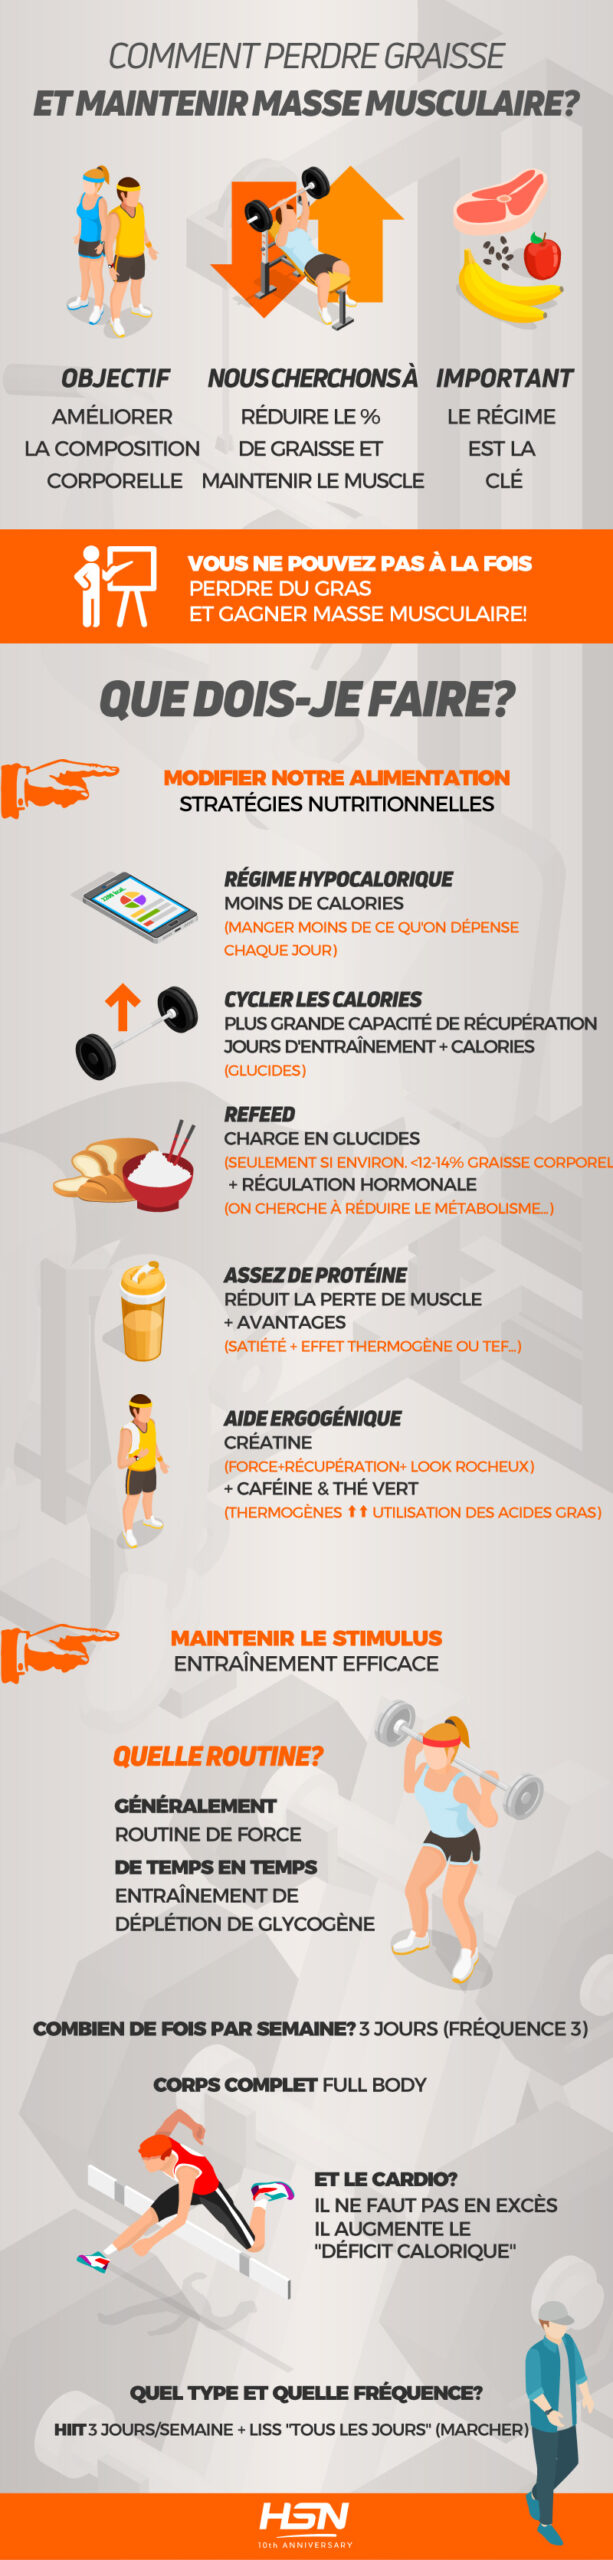 Perdre graisse